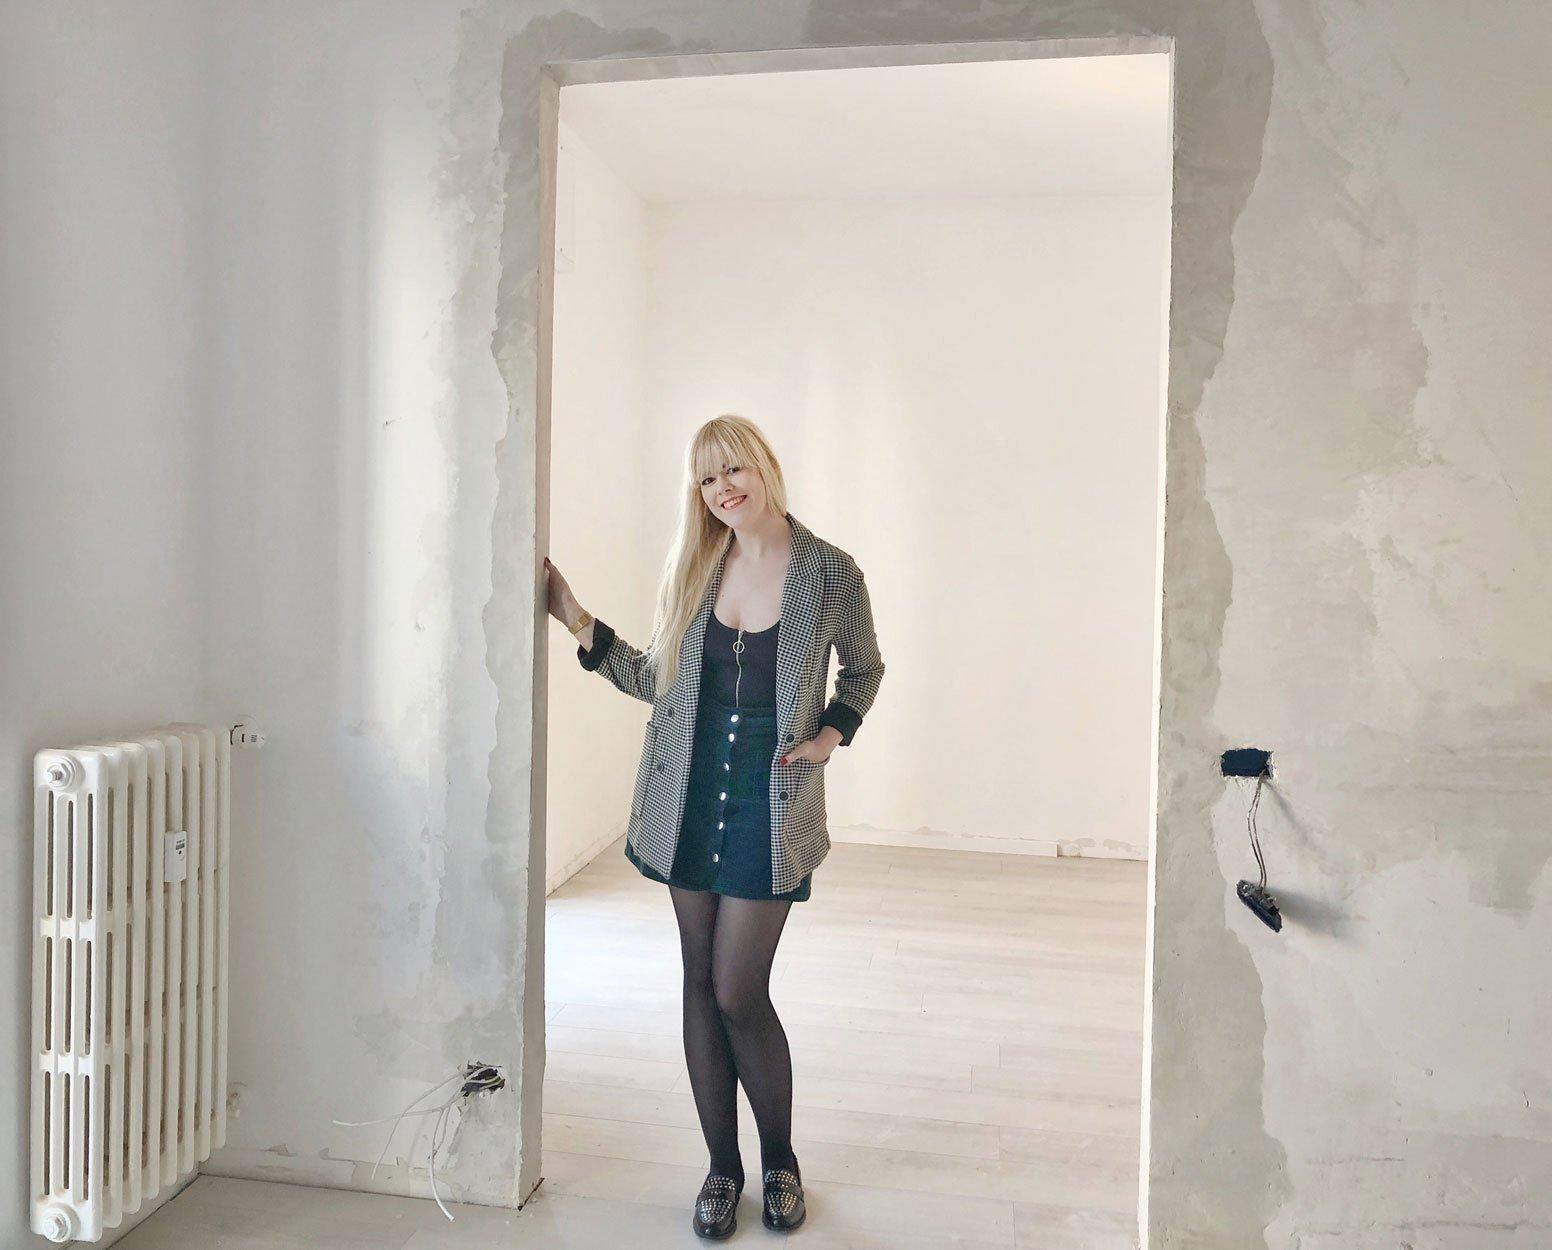 scandinavianfeeling renovations home new